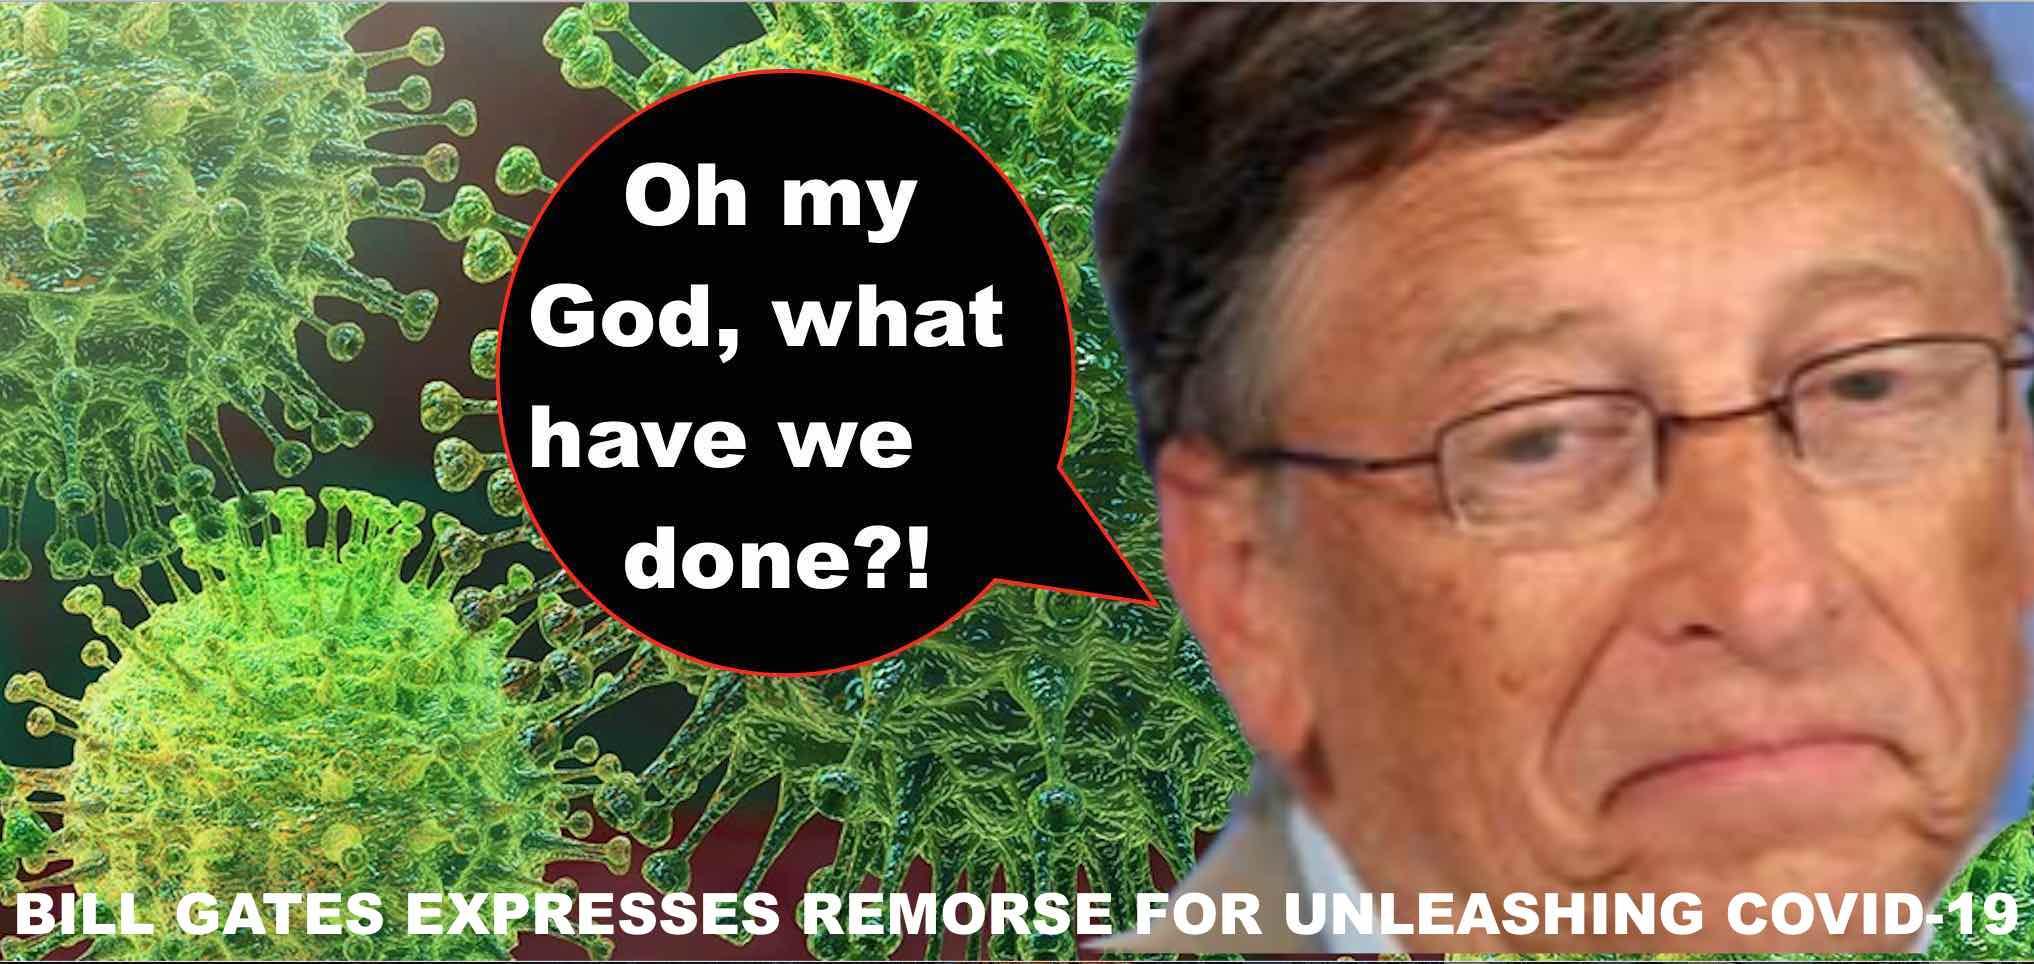 Роберт Ф. Кеннеди младший: Самые страшные вспышки эпидемий связаны с вакцинами, профинансированными Б. Гейтсом 1-gates-corona